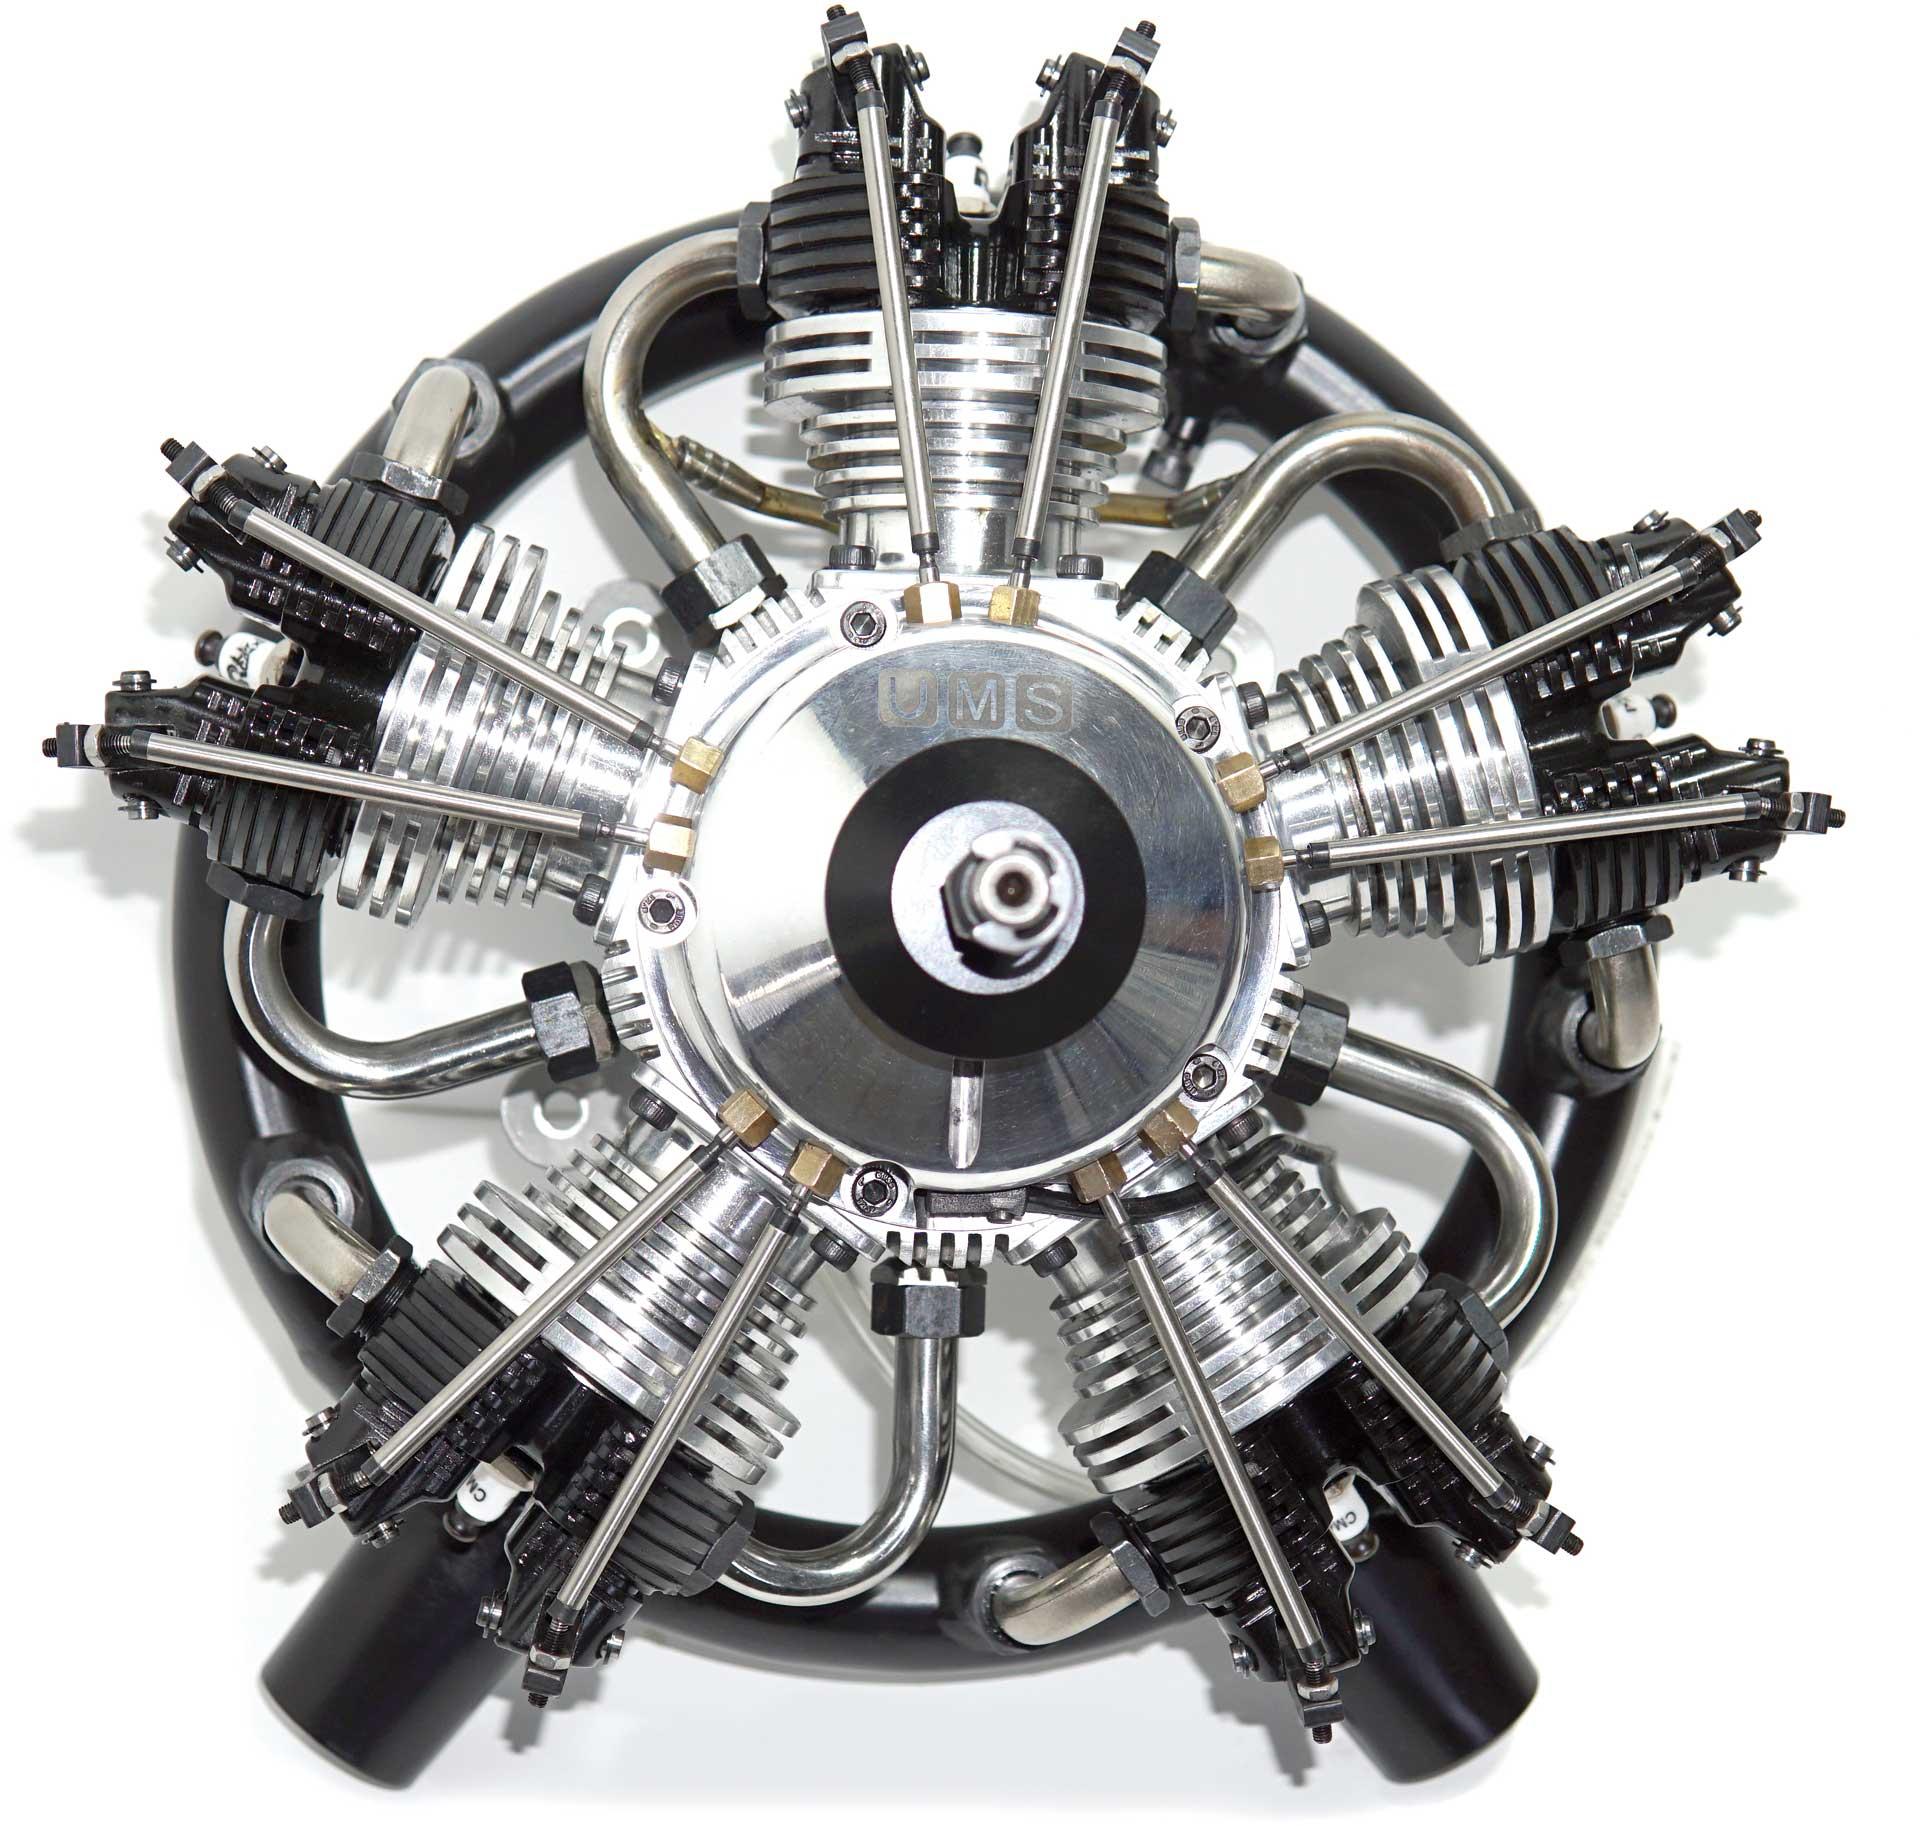 UMS Sternmotor 5 Zylinder 100ccm Benziner